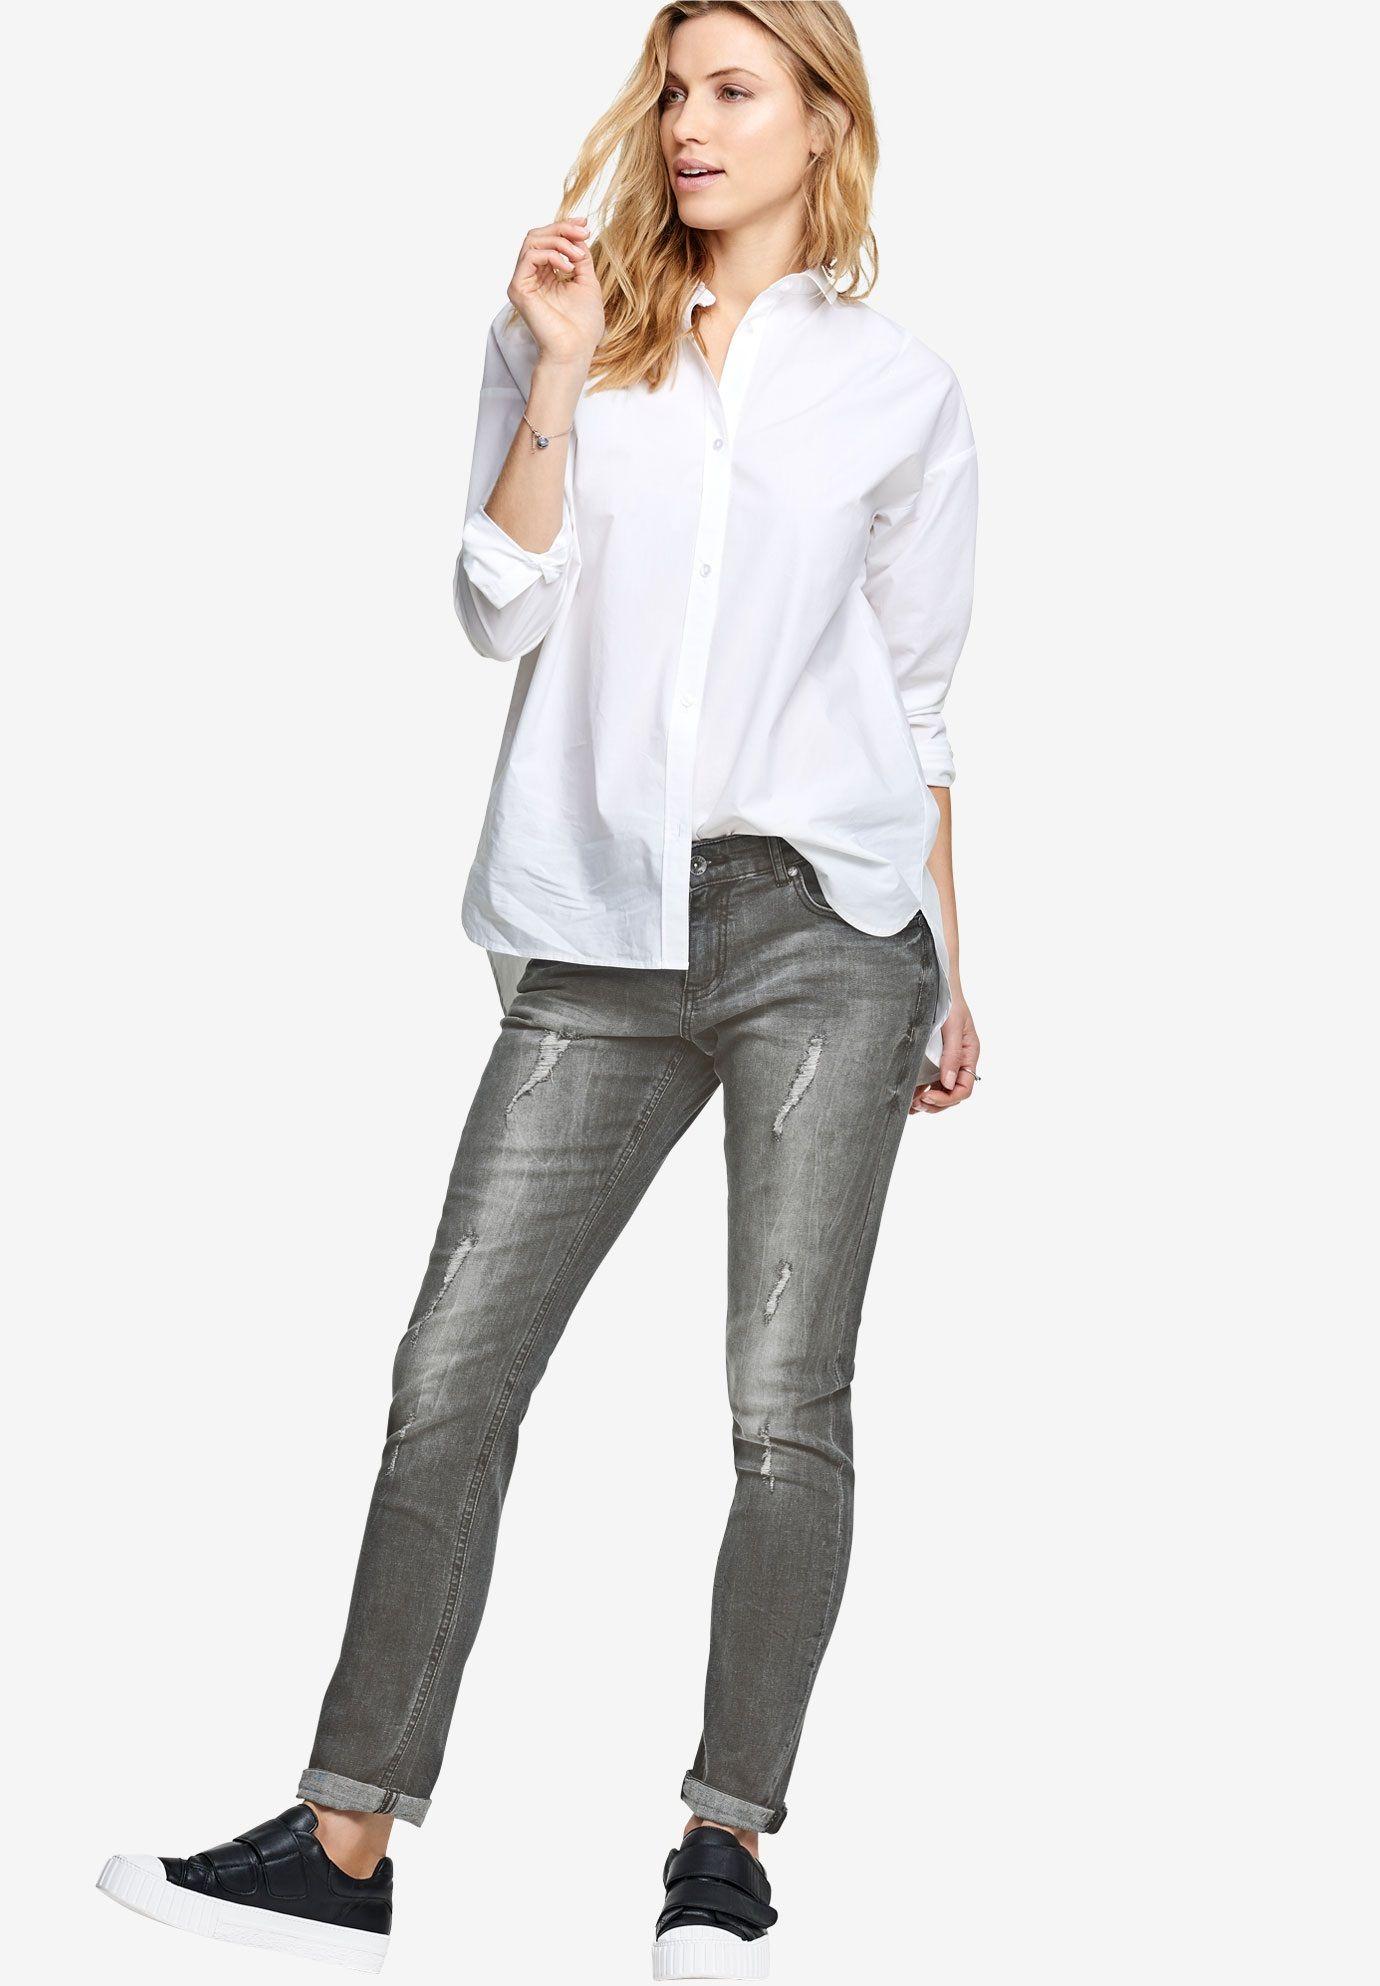 69a68d6b5d Boyfriend Jeans by ellos - Women s Plus Size Clothing